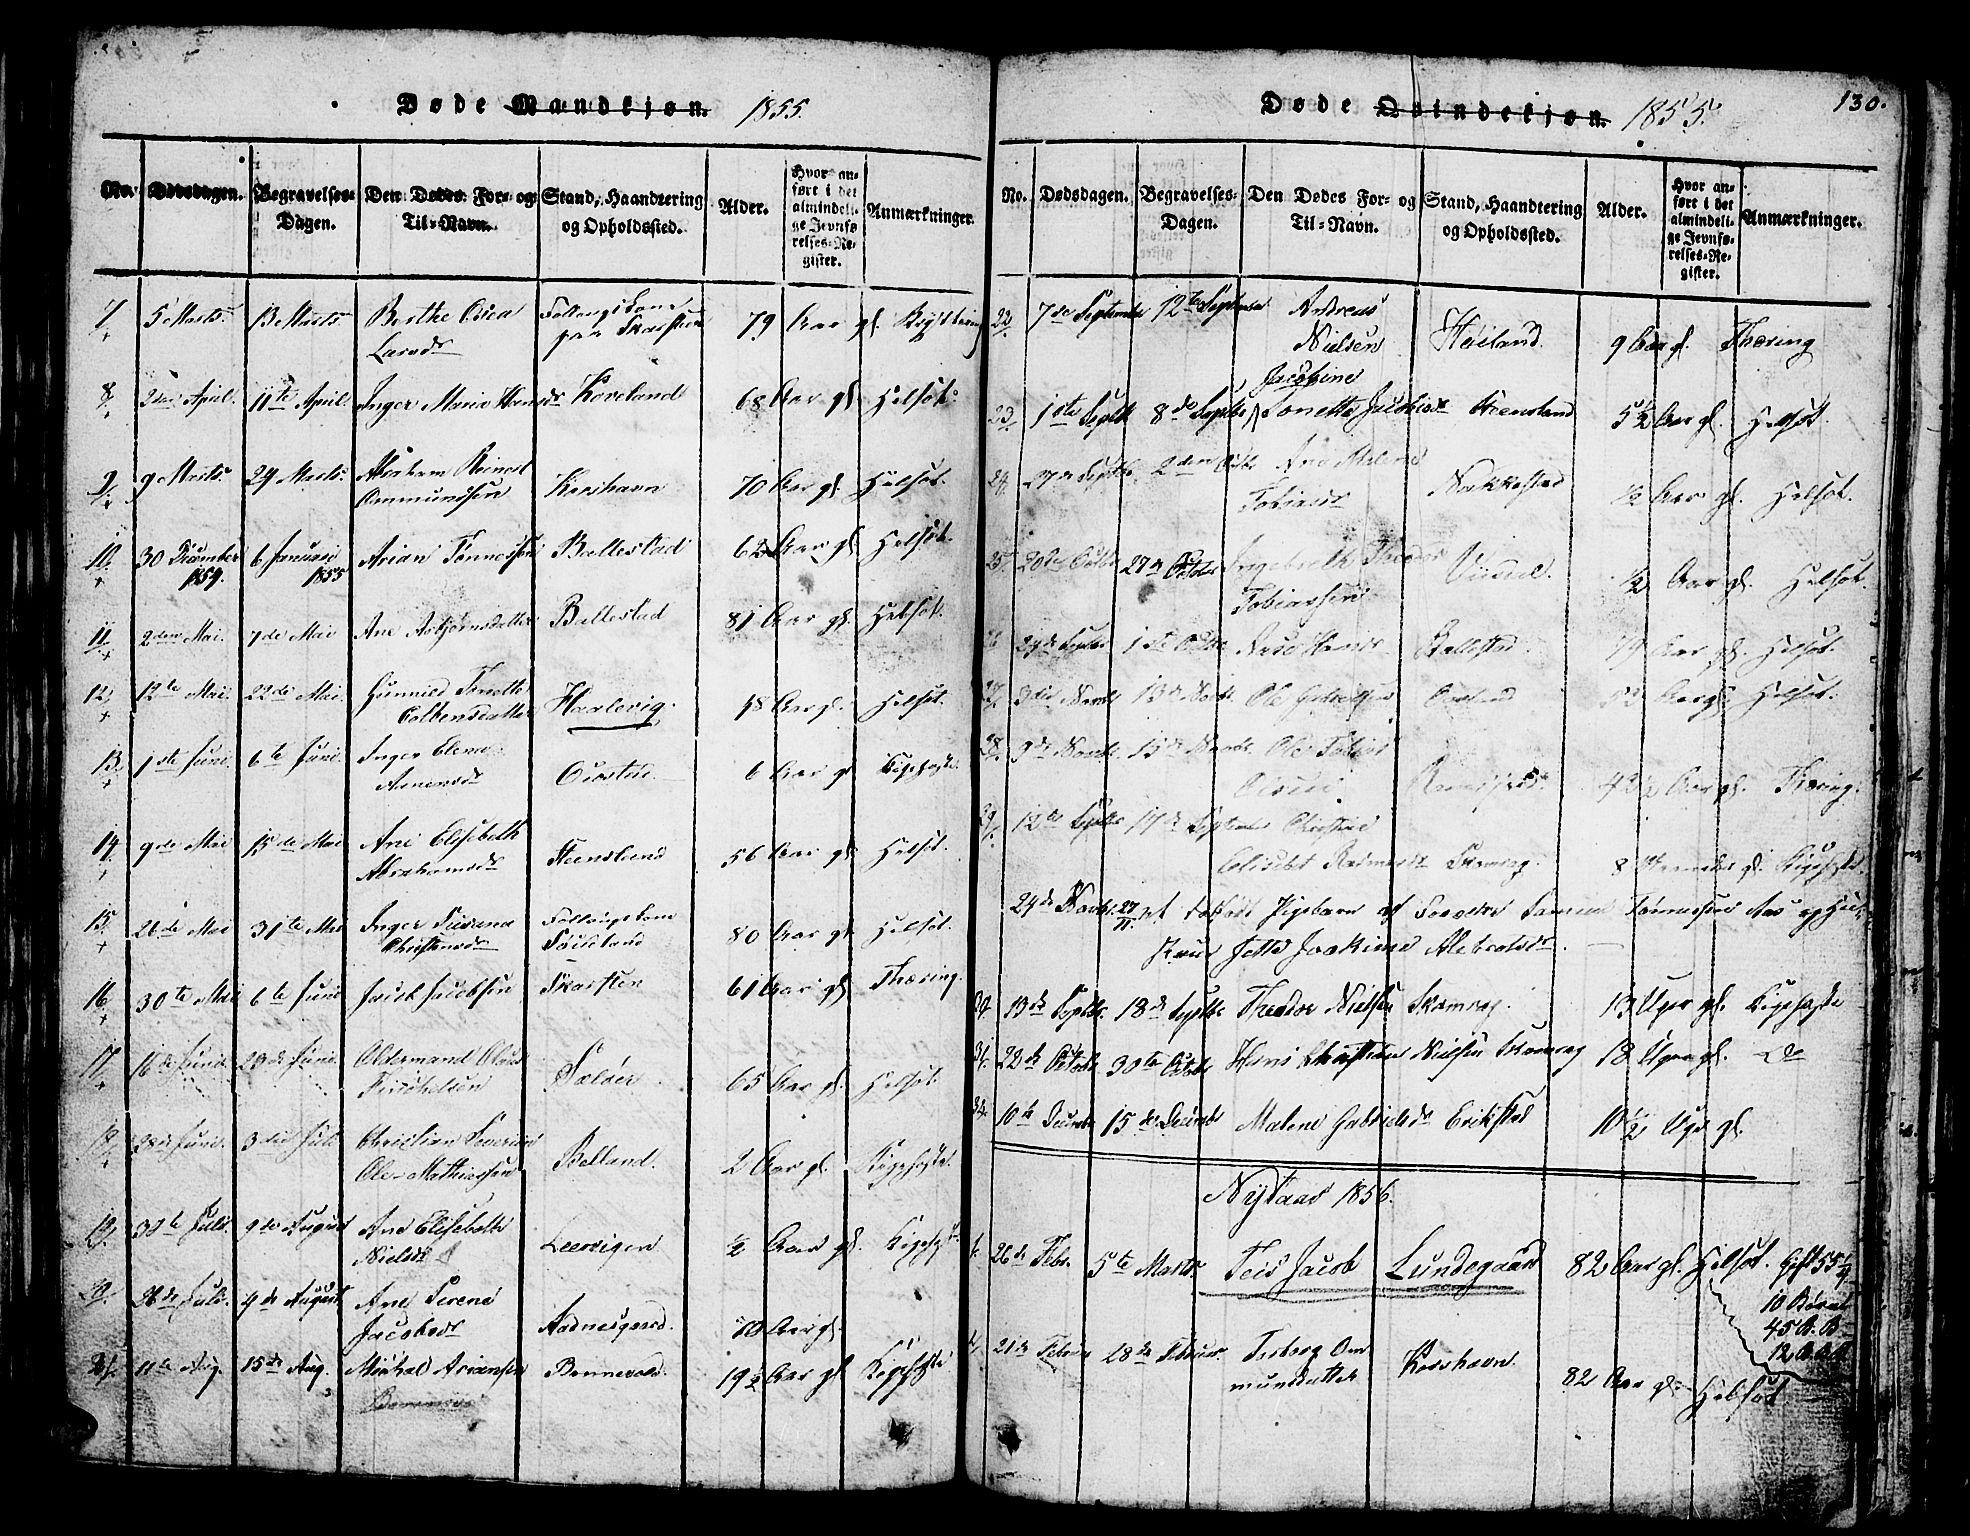 SAK, Lyngdal sokneprestkontor, F/Fb/Fba/L0001: Klokkerbok nr. B 1, 1816-1876, s. 130